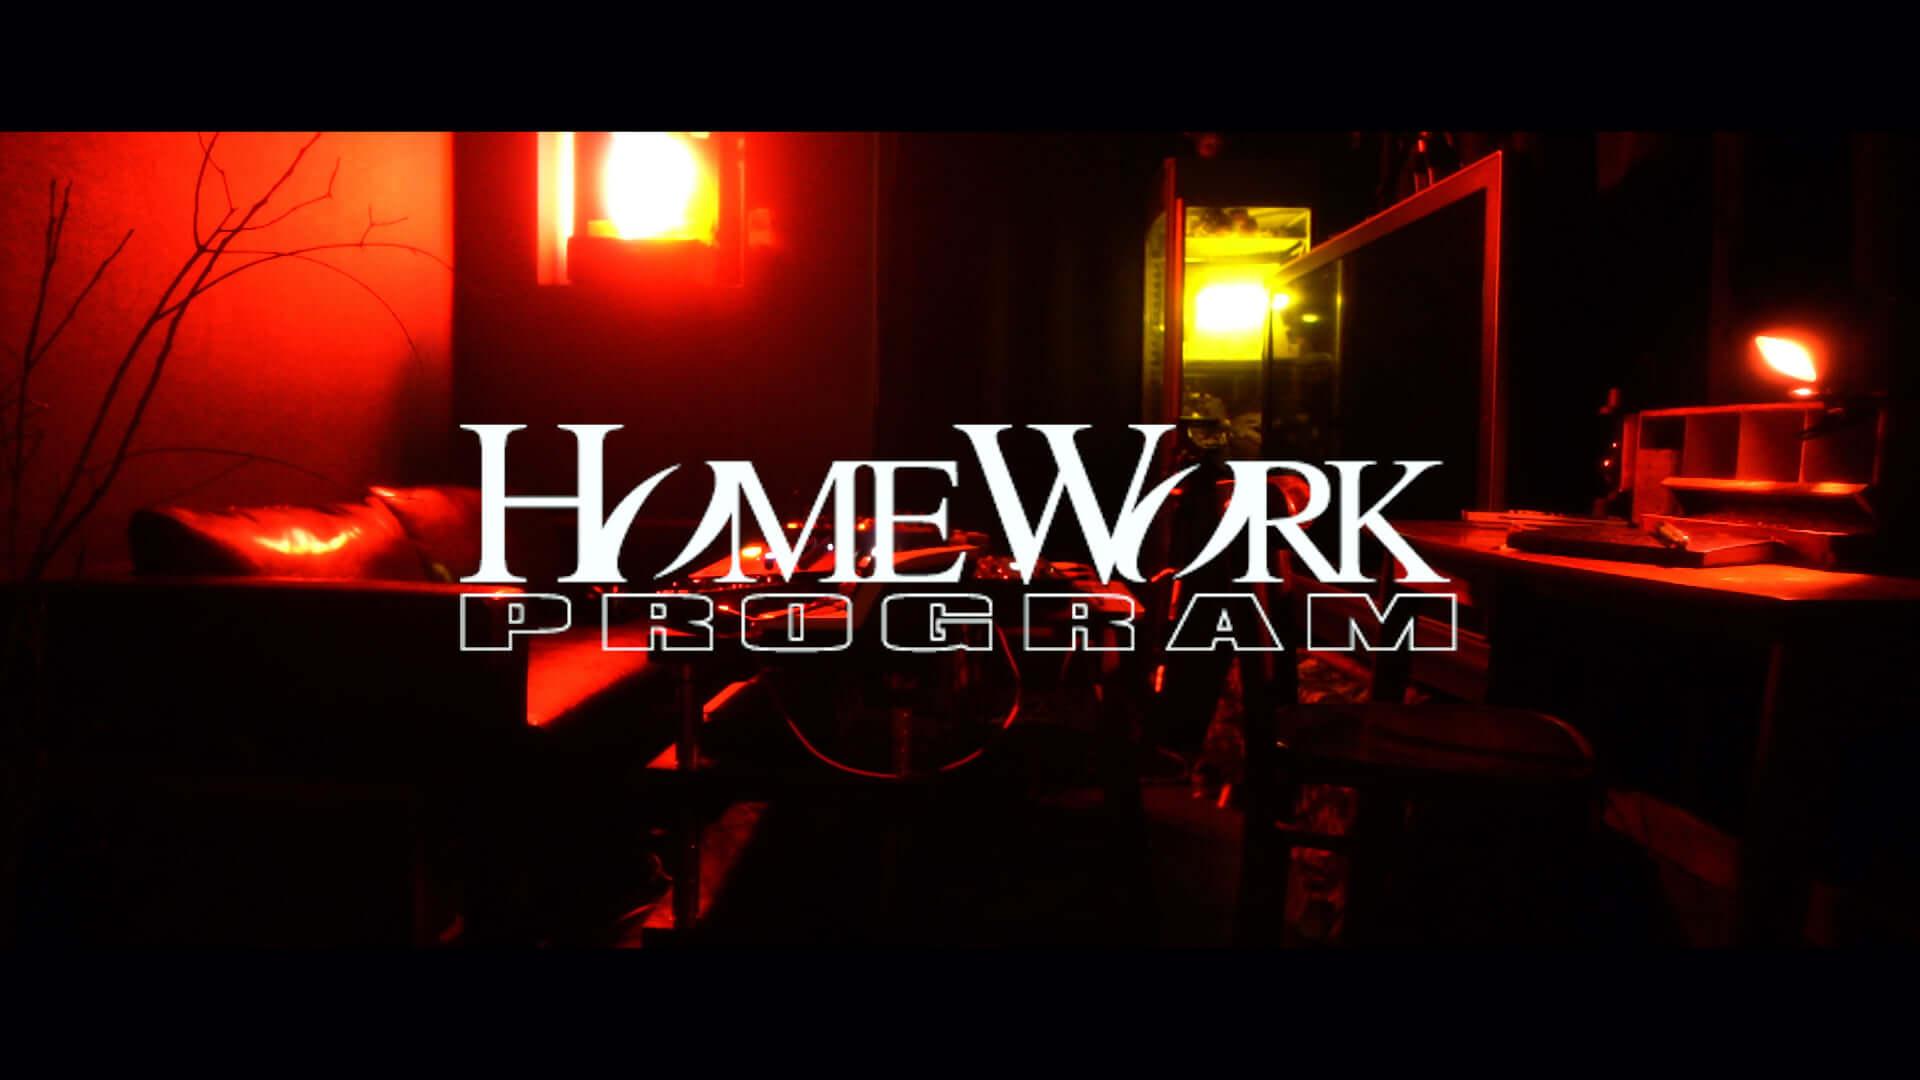 謎の部屋からの配信番組『HOMEWORK PROGRAM』に、Tomgggがライブセットで登場!テーマは「ゆるゆるマッシュアップ」 music200617_homework_program_4-1920x1080